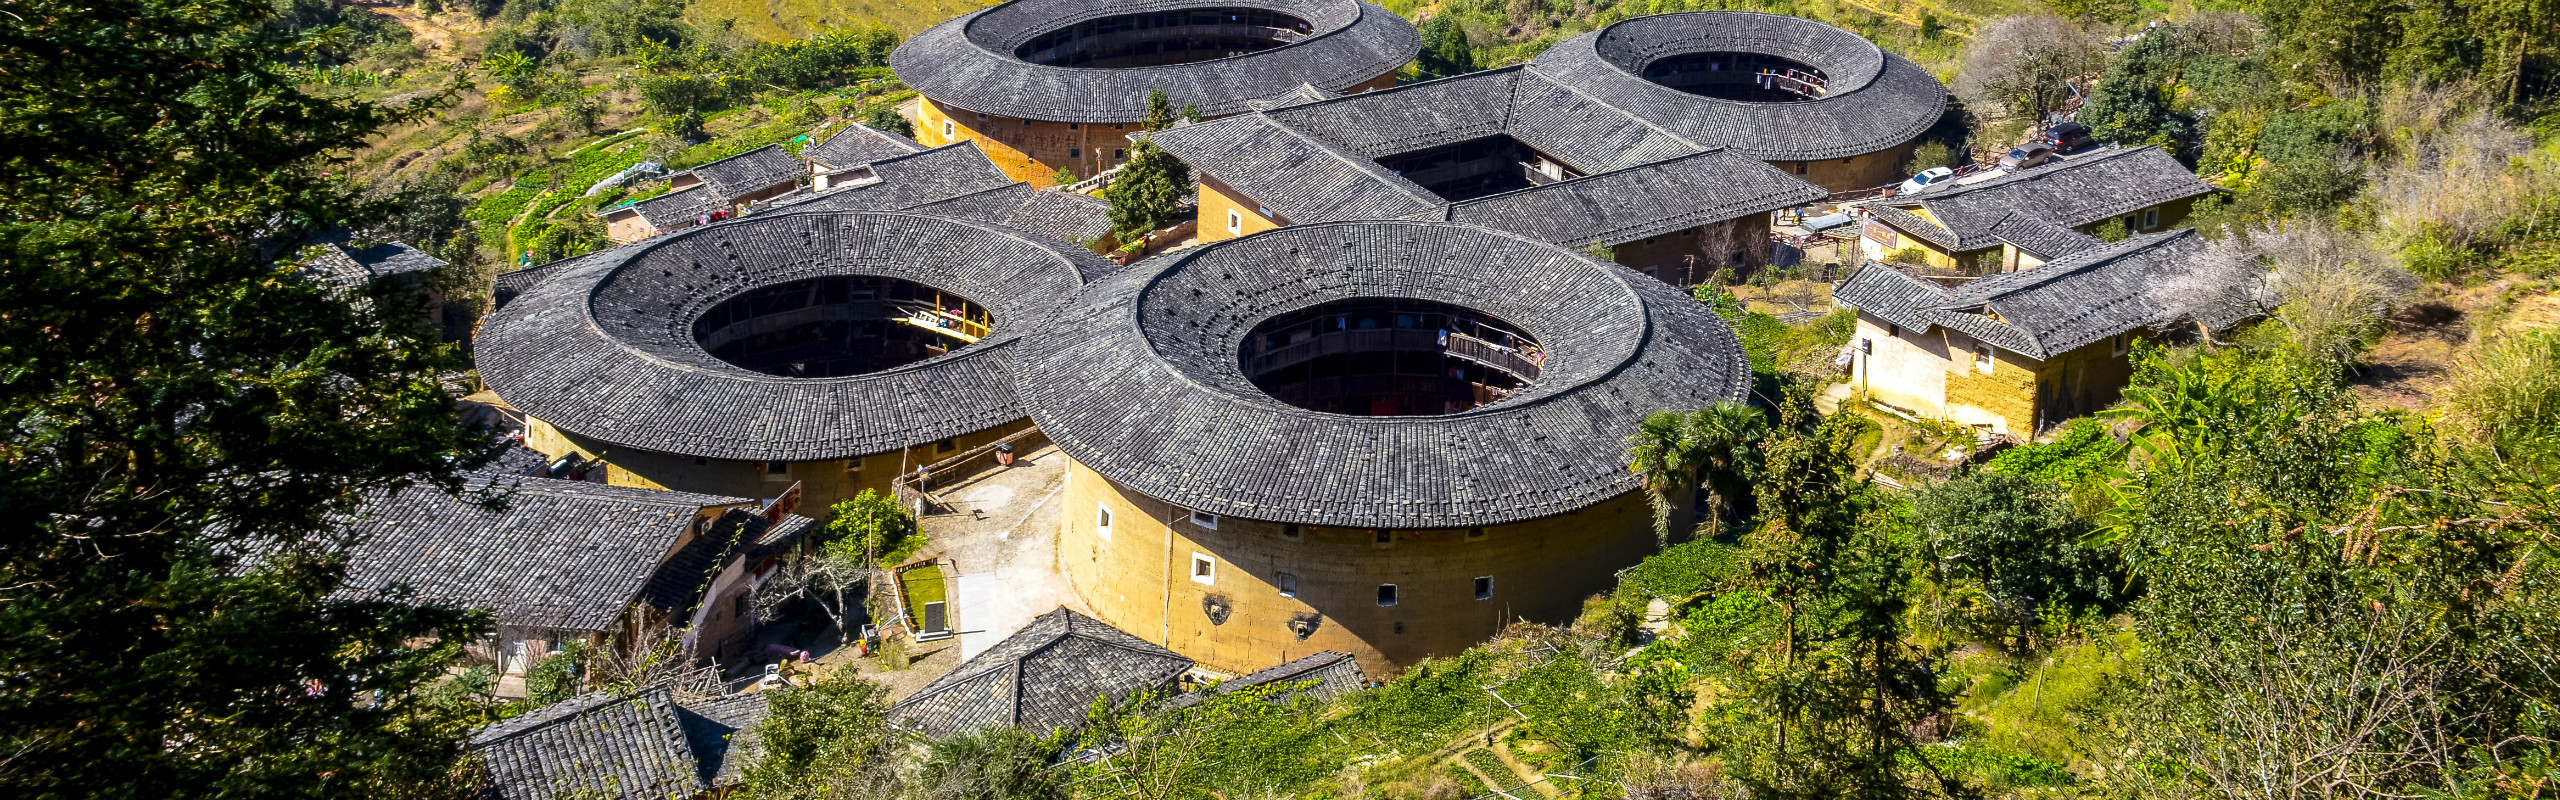 3 Days Xiamen and Tulou Relaxation Tour